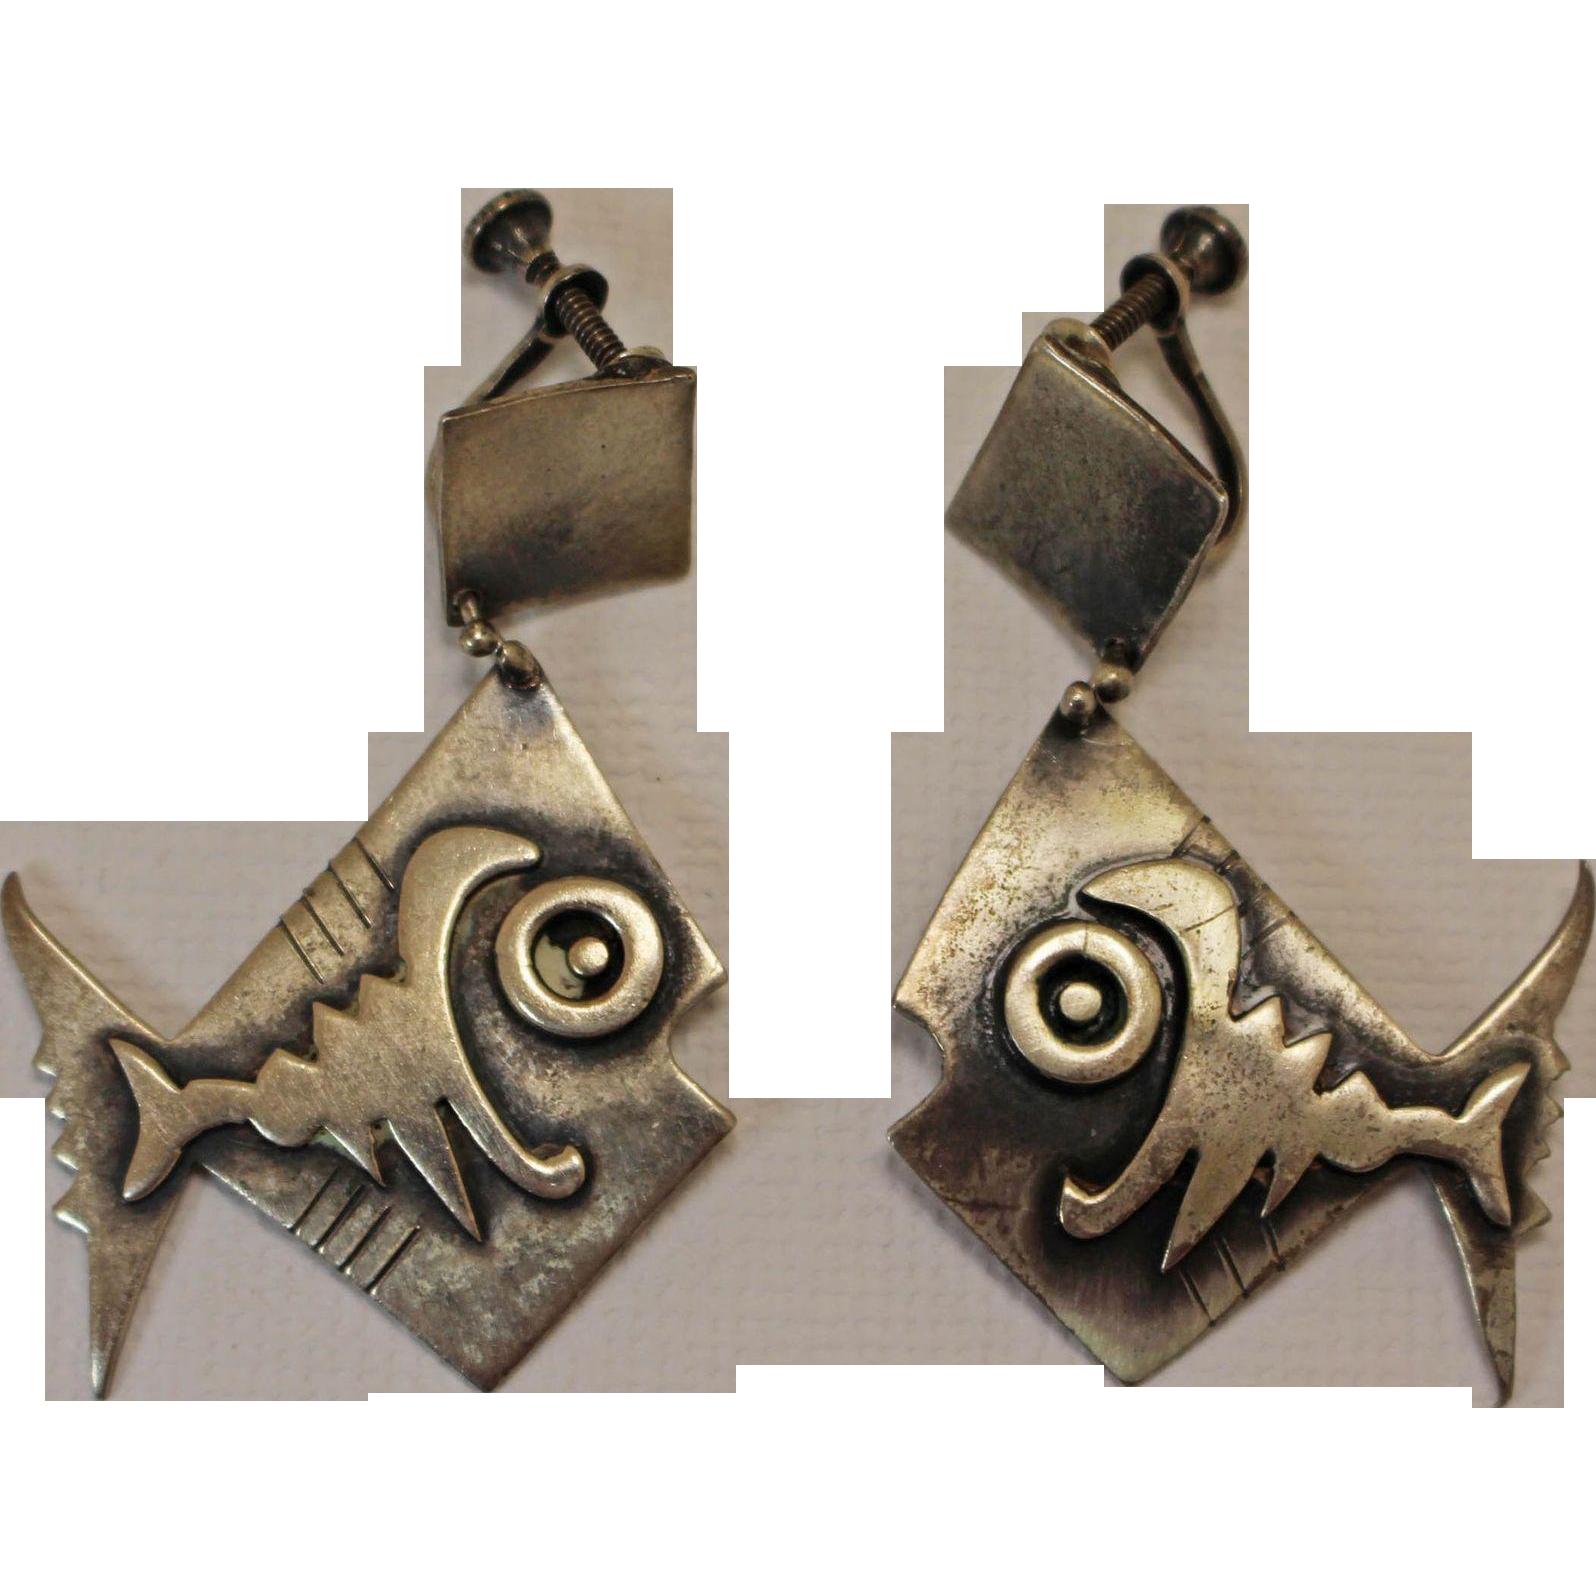 Frank Miraglia Silver Earrings 1950s Studio Modernist From